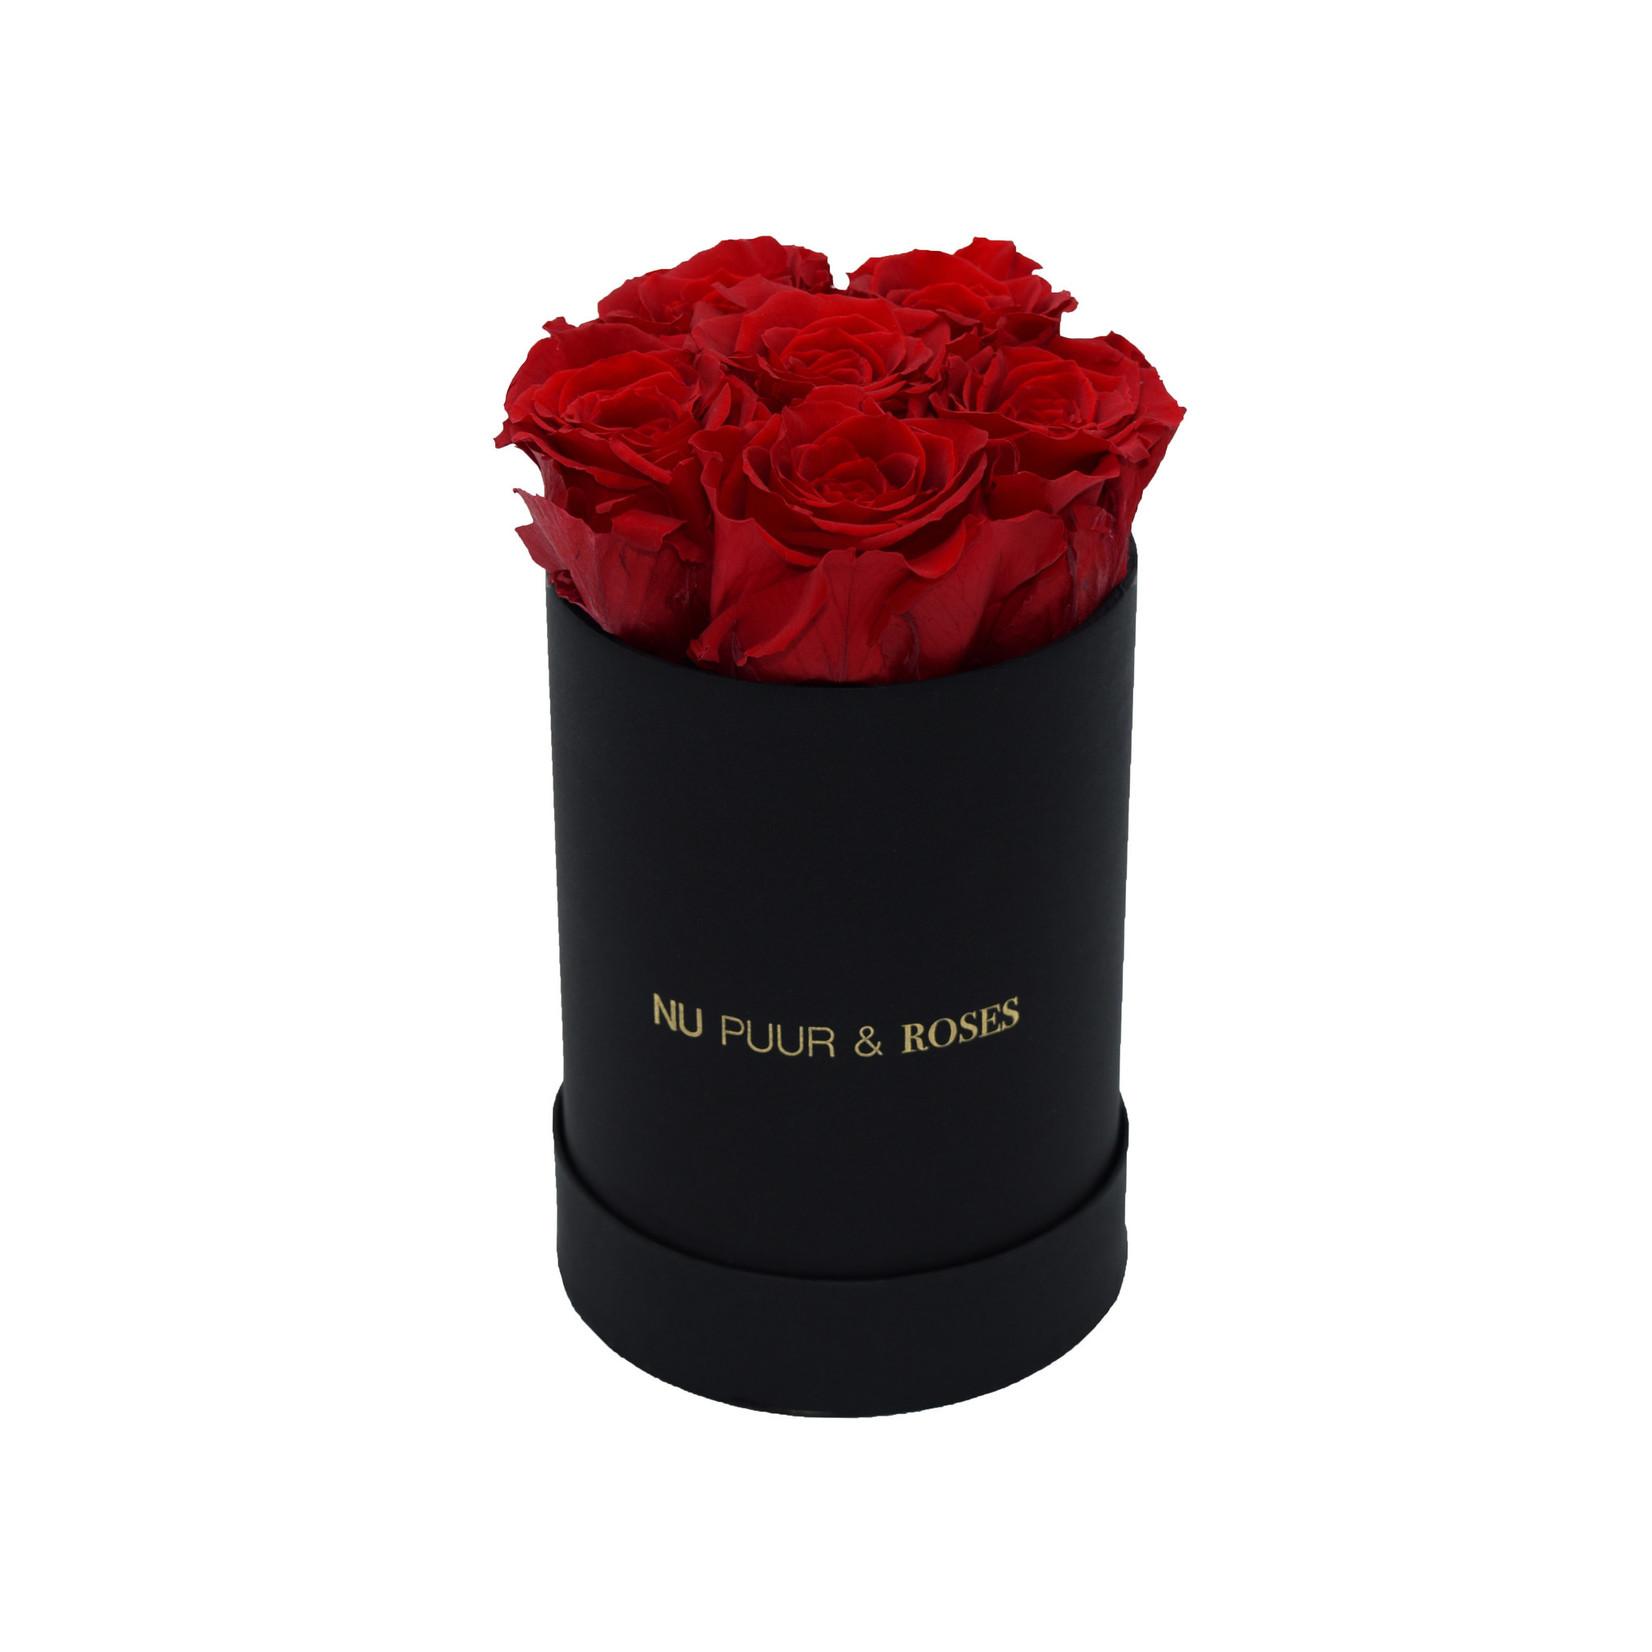 Mini - Red Endless Roses - Black Box